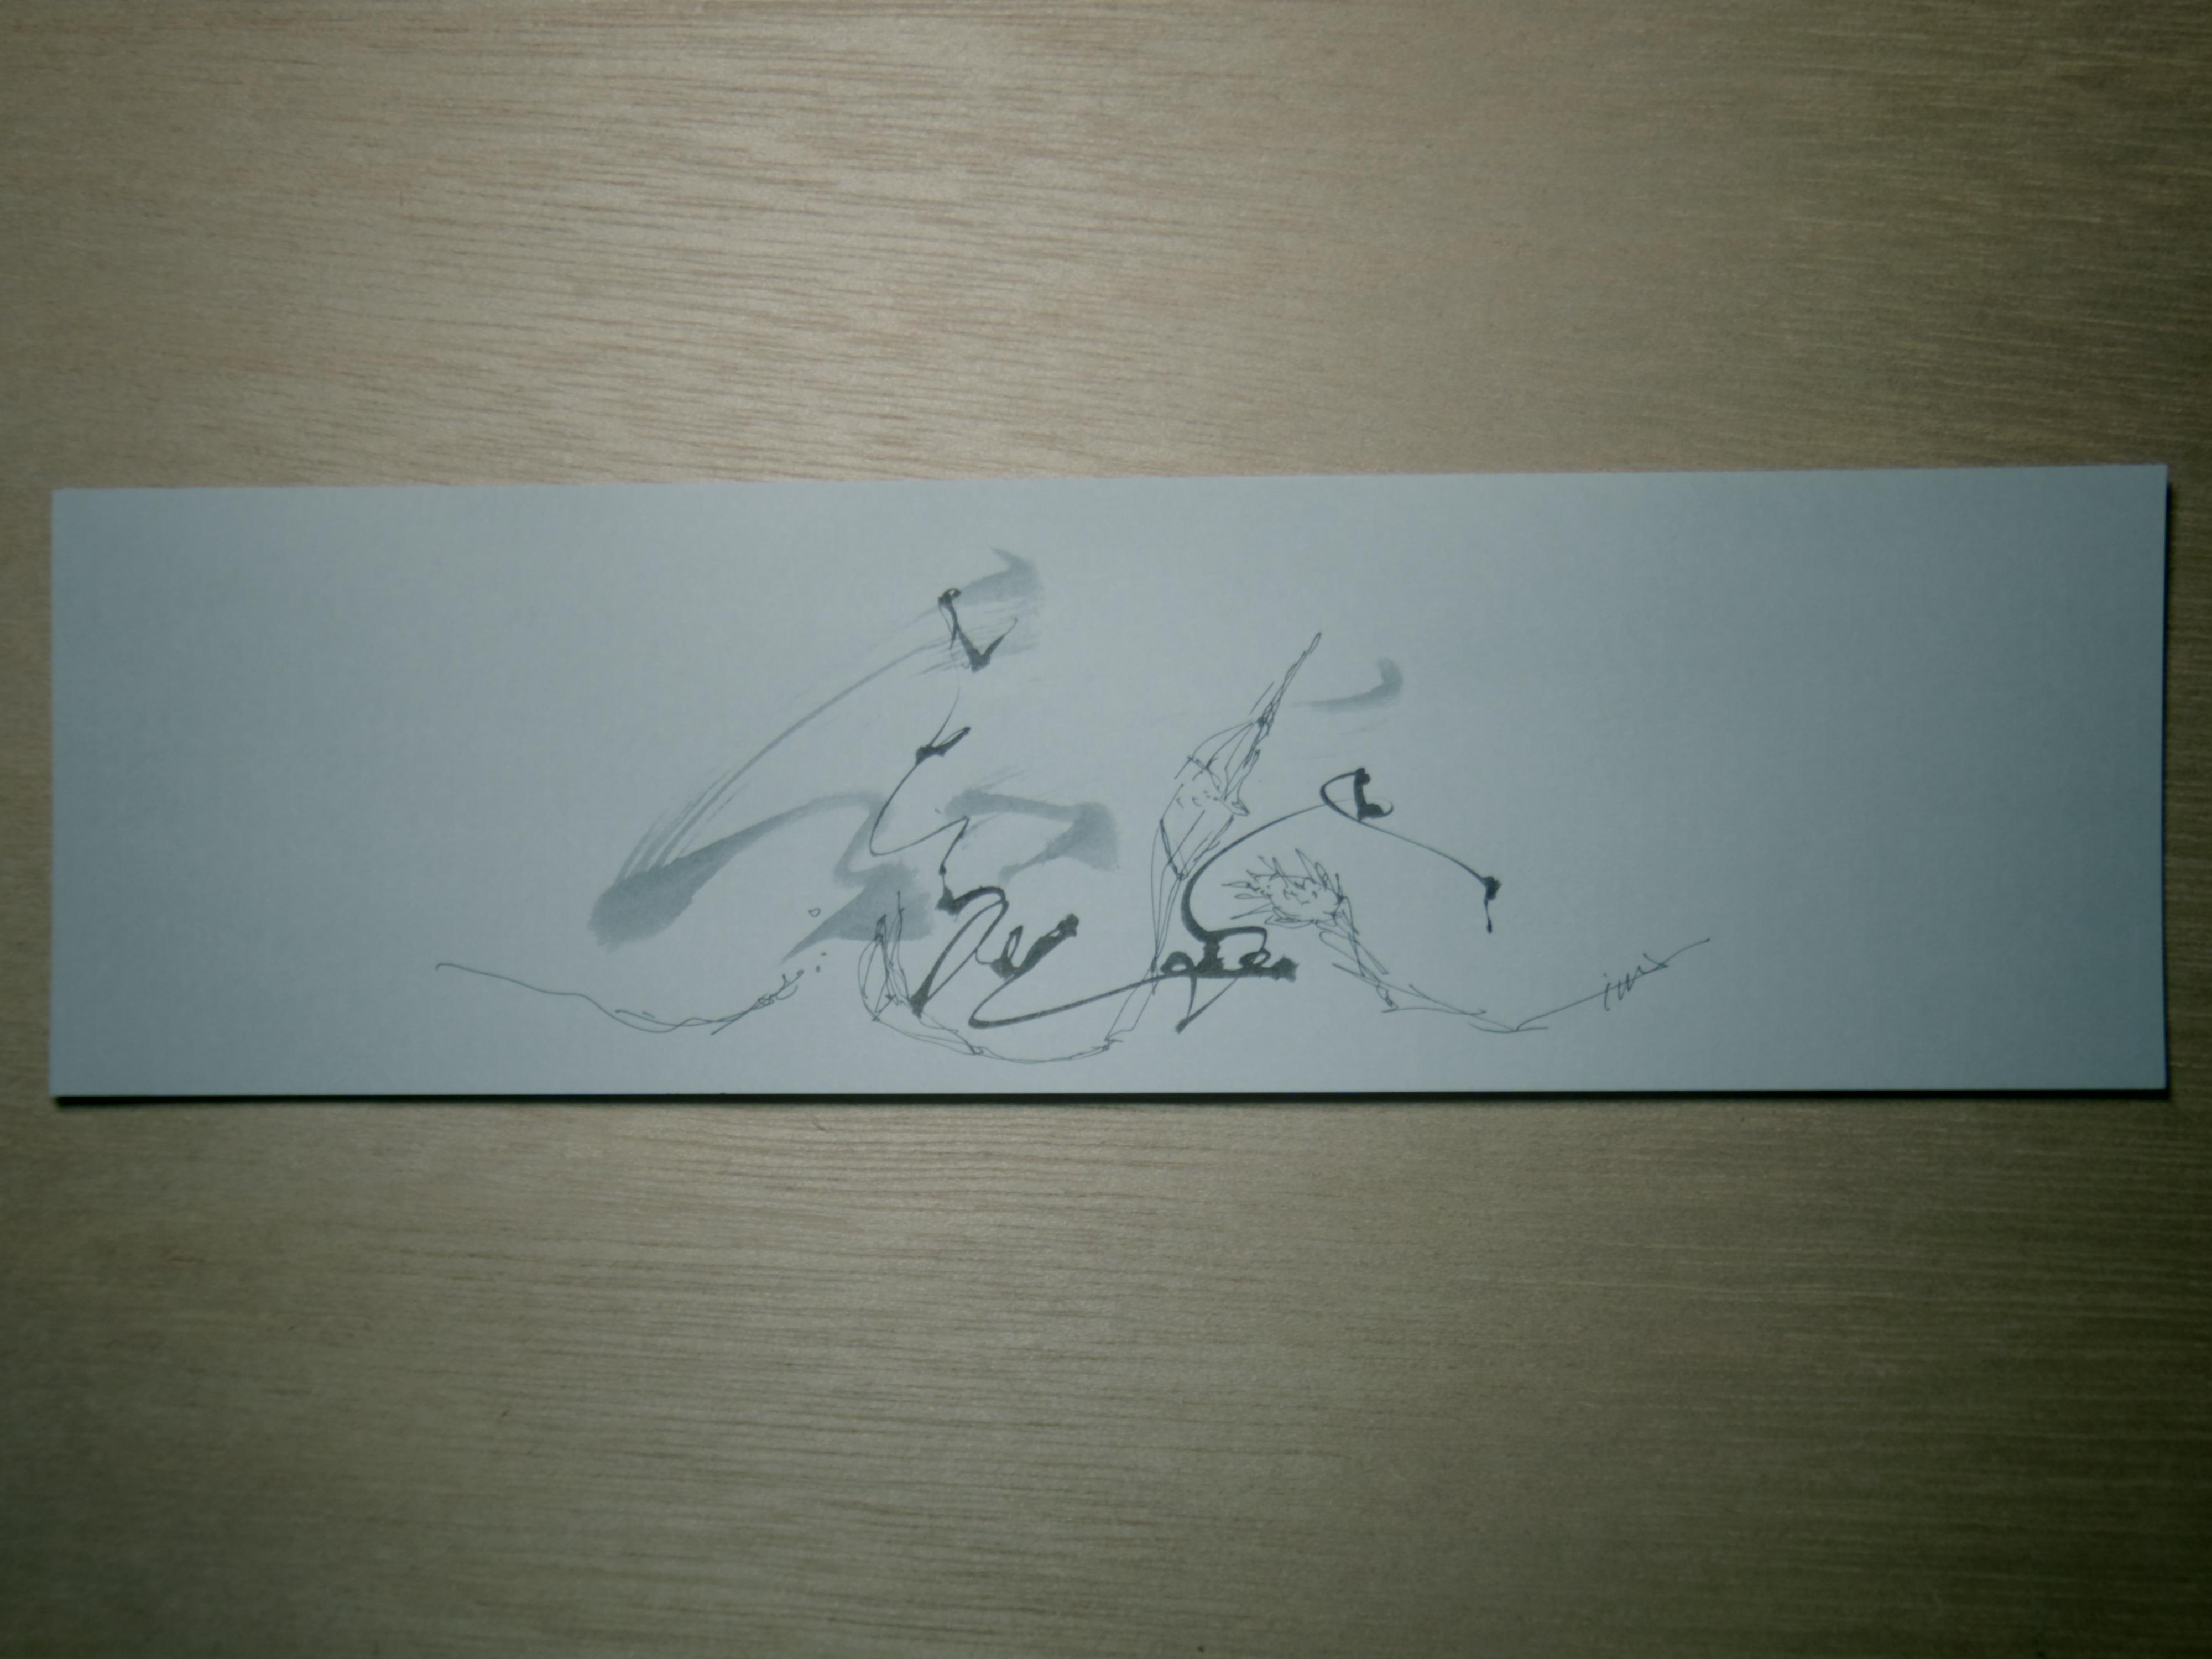 灰景線描 09